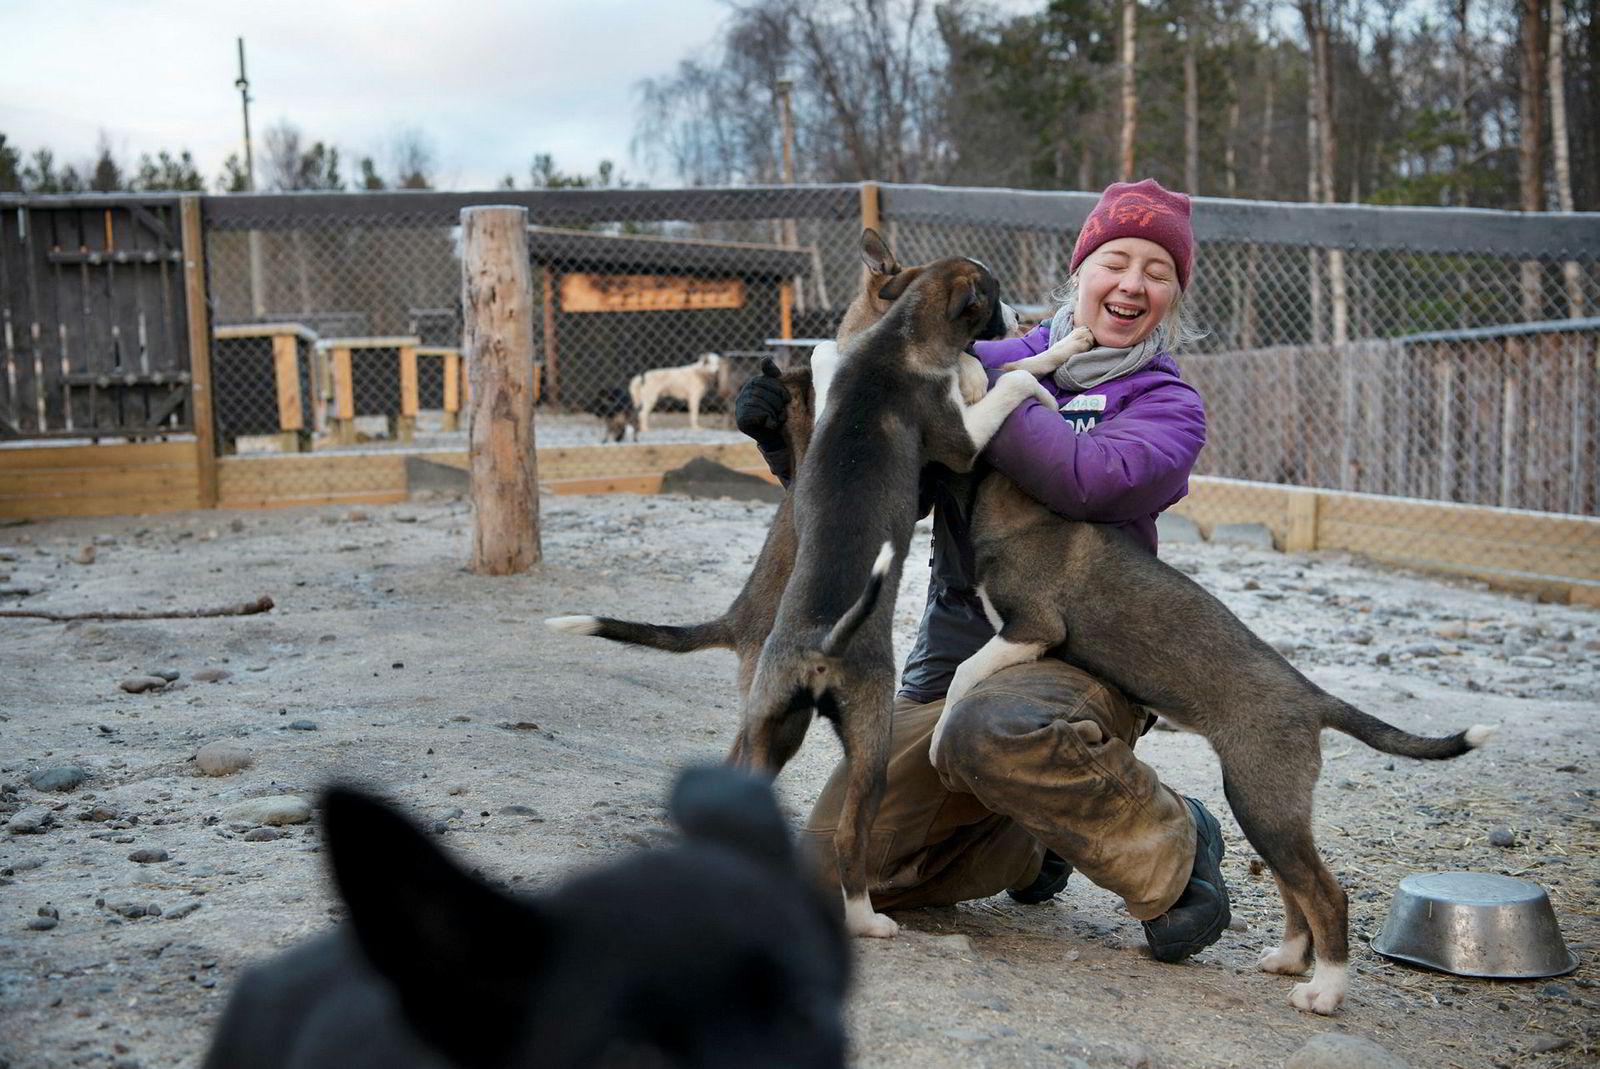 Trines datter Hanna Lyrek (18) kjører hundeløp og har sammen med sin søster fått ti år på å vurdere om hun skal overta driften av selskapet.